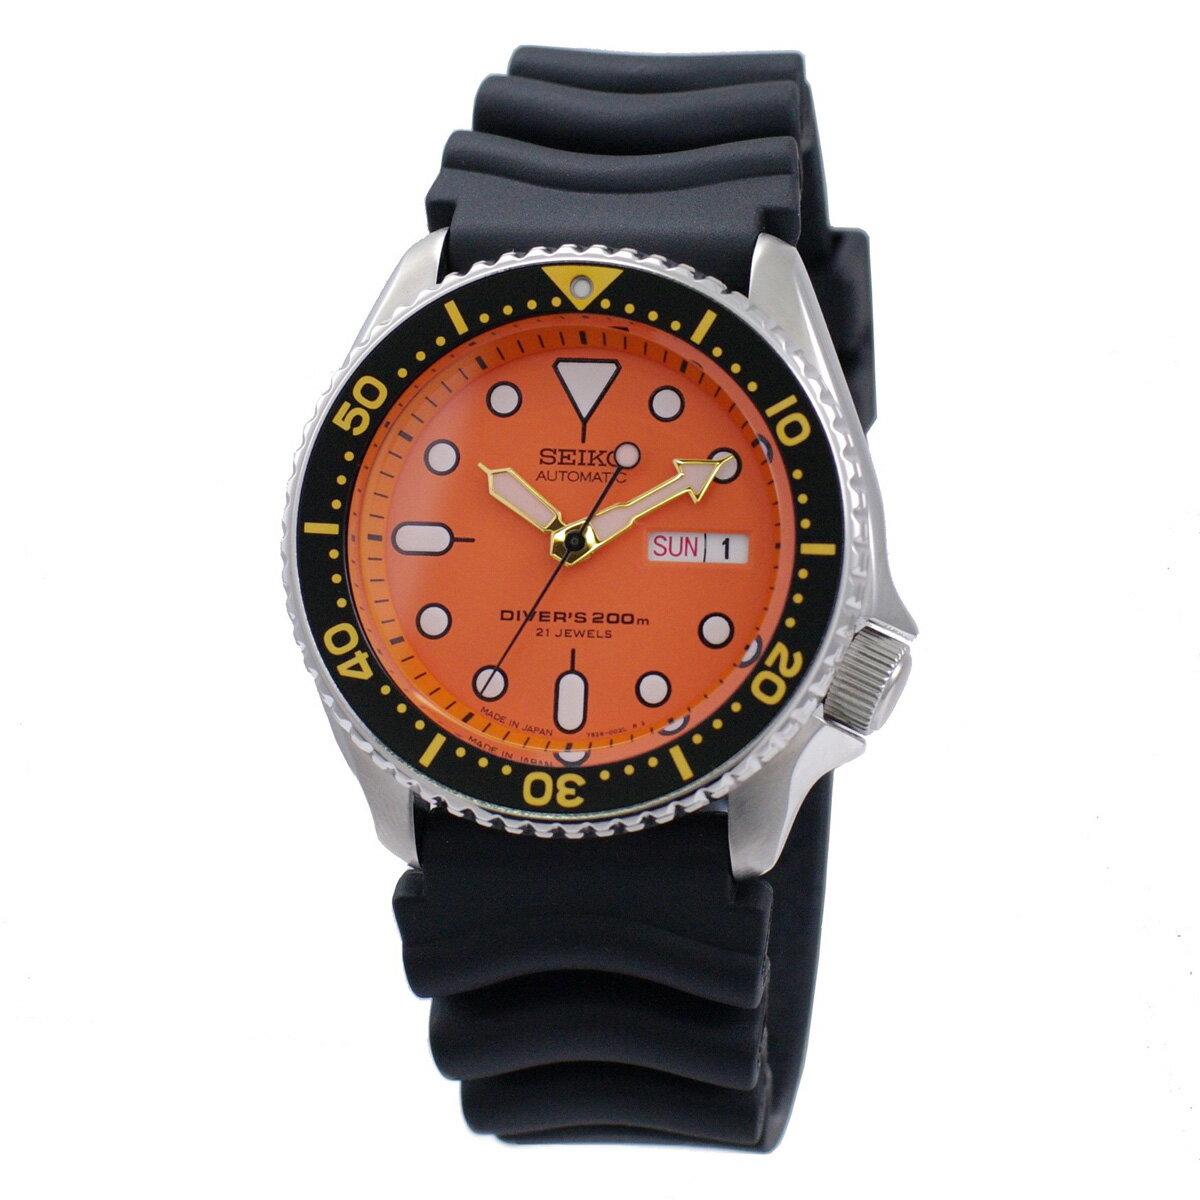 セイコー SEIKO 腕時計 海外モデル 自動巻き 日本製 ORANGE BOY オレンジボーイ SKX011J1 メンズ [逆輸入品]